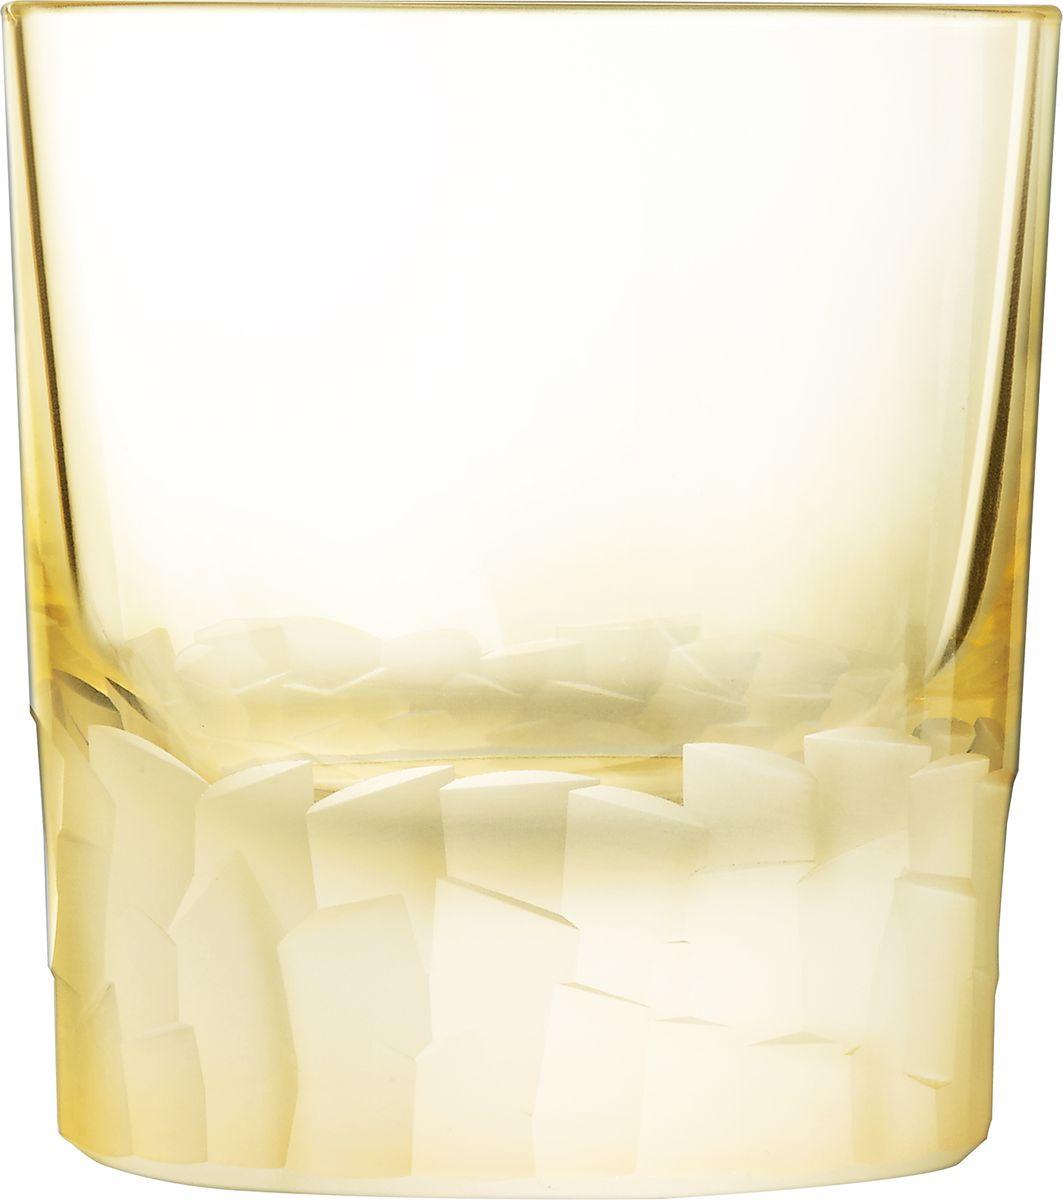 Набор стаканов Cristal dArques Intuition, цвет: желтый, 320 мл, 6 штL8640Множество ограненных, четких, структурированных поверхностей пересекается случайным образом, образуя плотный лабиринт. Кубизм на столе. Коллекция Intuition - это проникновенное сверкающее хрусталем посвящение кубизму. Основания стаканов и стенки бокалов покрыты фрагментированными гранями, напоминающими манеру художников-кубистов. Основные геометрические формы непрерывно раскладываются и составляются вновь. Ограненные, четкие, структурированные поверхности пересекаются случайным образом. Геометрические объемы освобождаются, создавая густой лабиринт. Текстурированные и матовые поверхности контрастируют с блеском гладкого стекла, создавая переменчивый декор, в котором чередуются плоские и рельефные элементы.